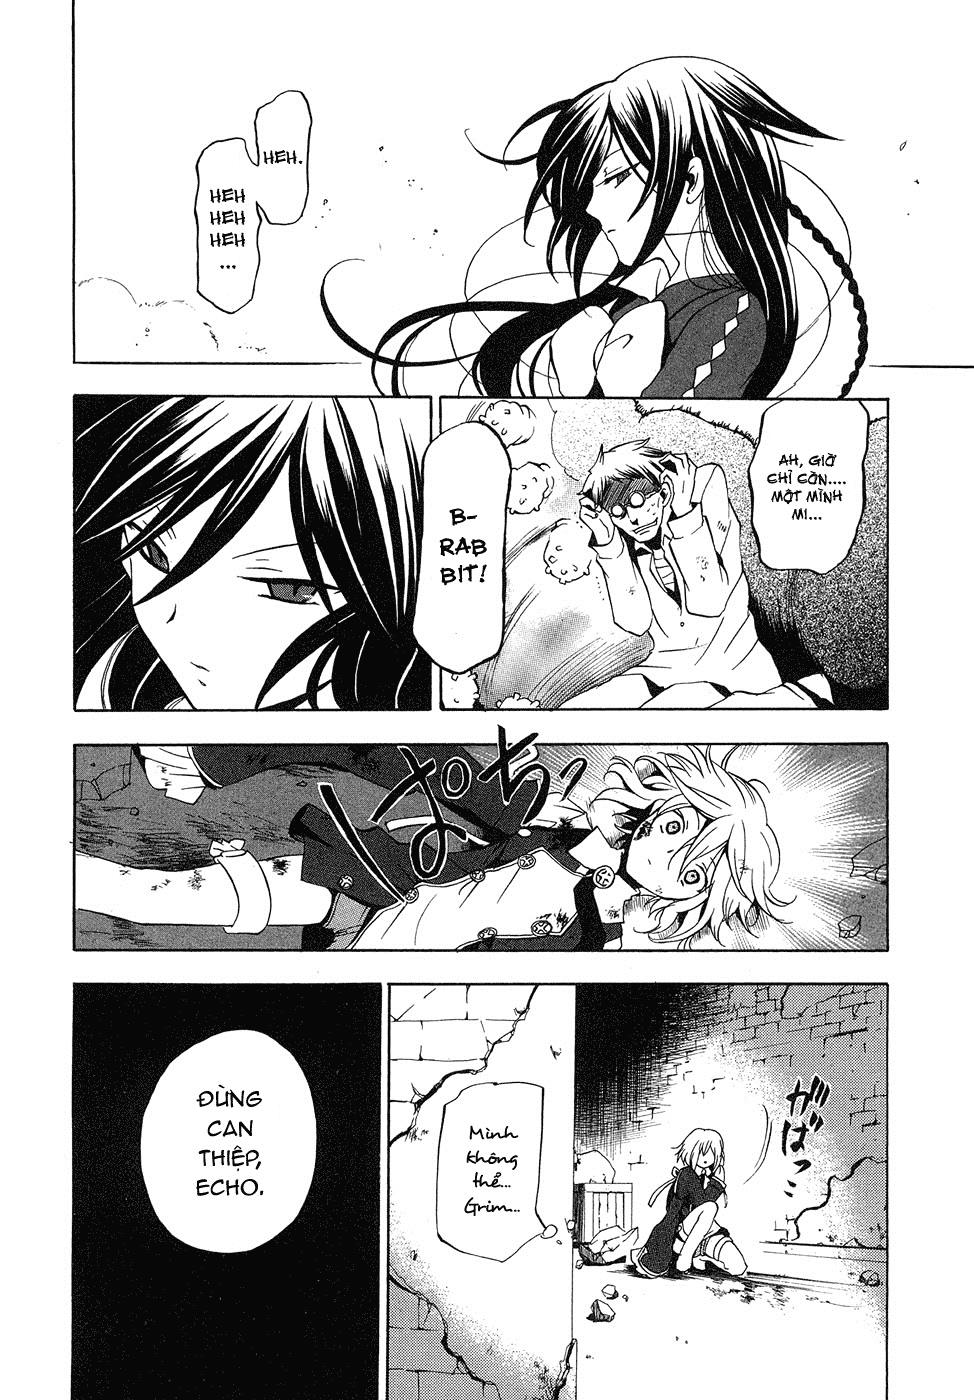 Pandora Hearts chương 011 - retrace: xi grim trang 31